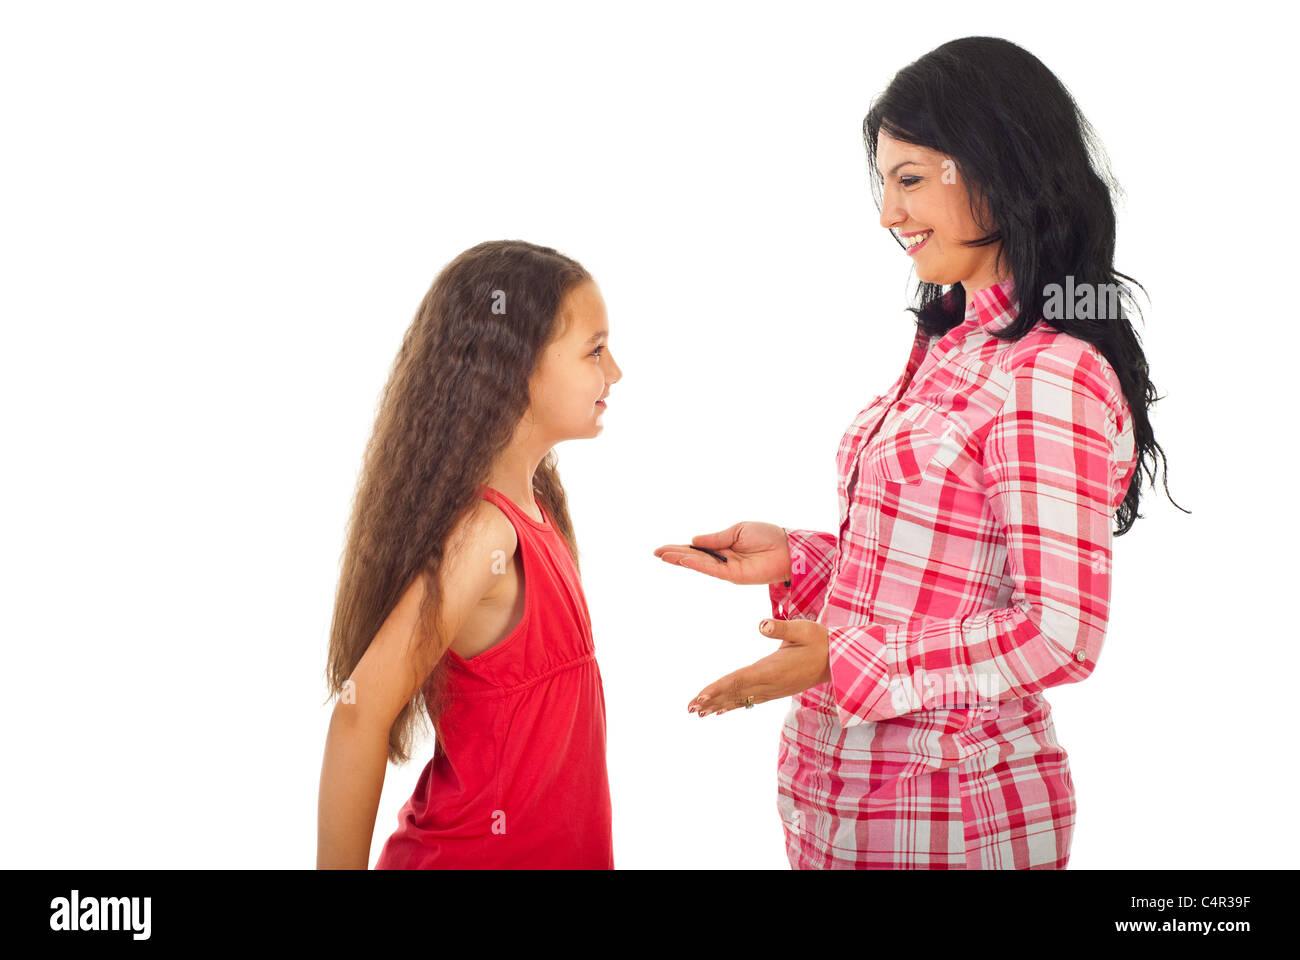 Mère heureuse d'avoir une conversation avec sa fille et donner des conseils isolé sur fond blanc Banque D'Images